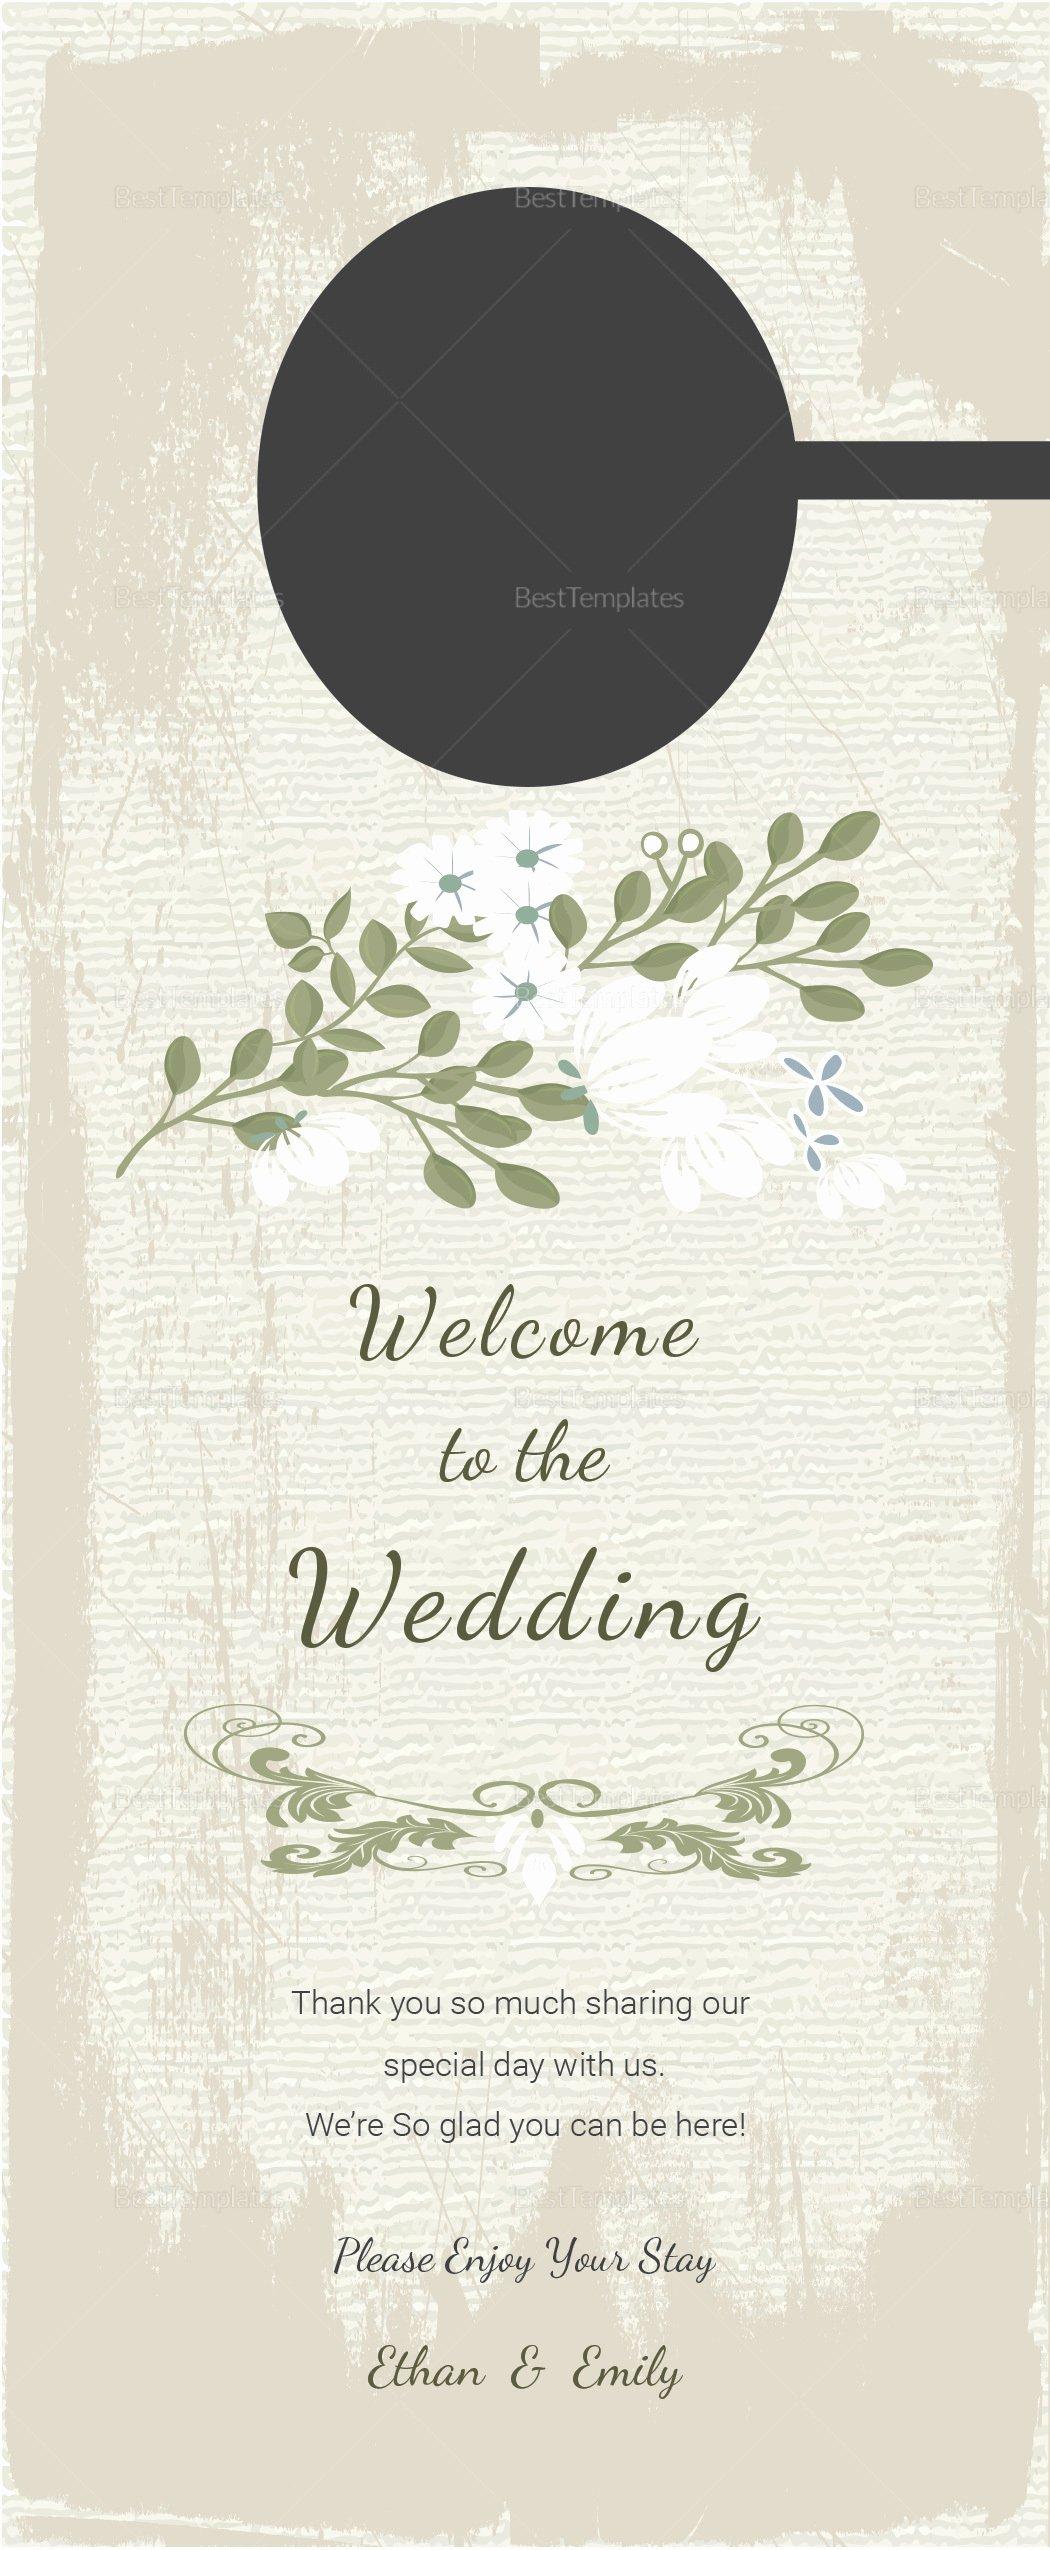 Door Hanger Template Illustrator Best Of Vintage Wedding Door Hanger Template In Psd Word